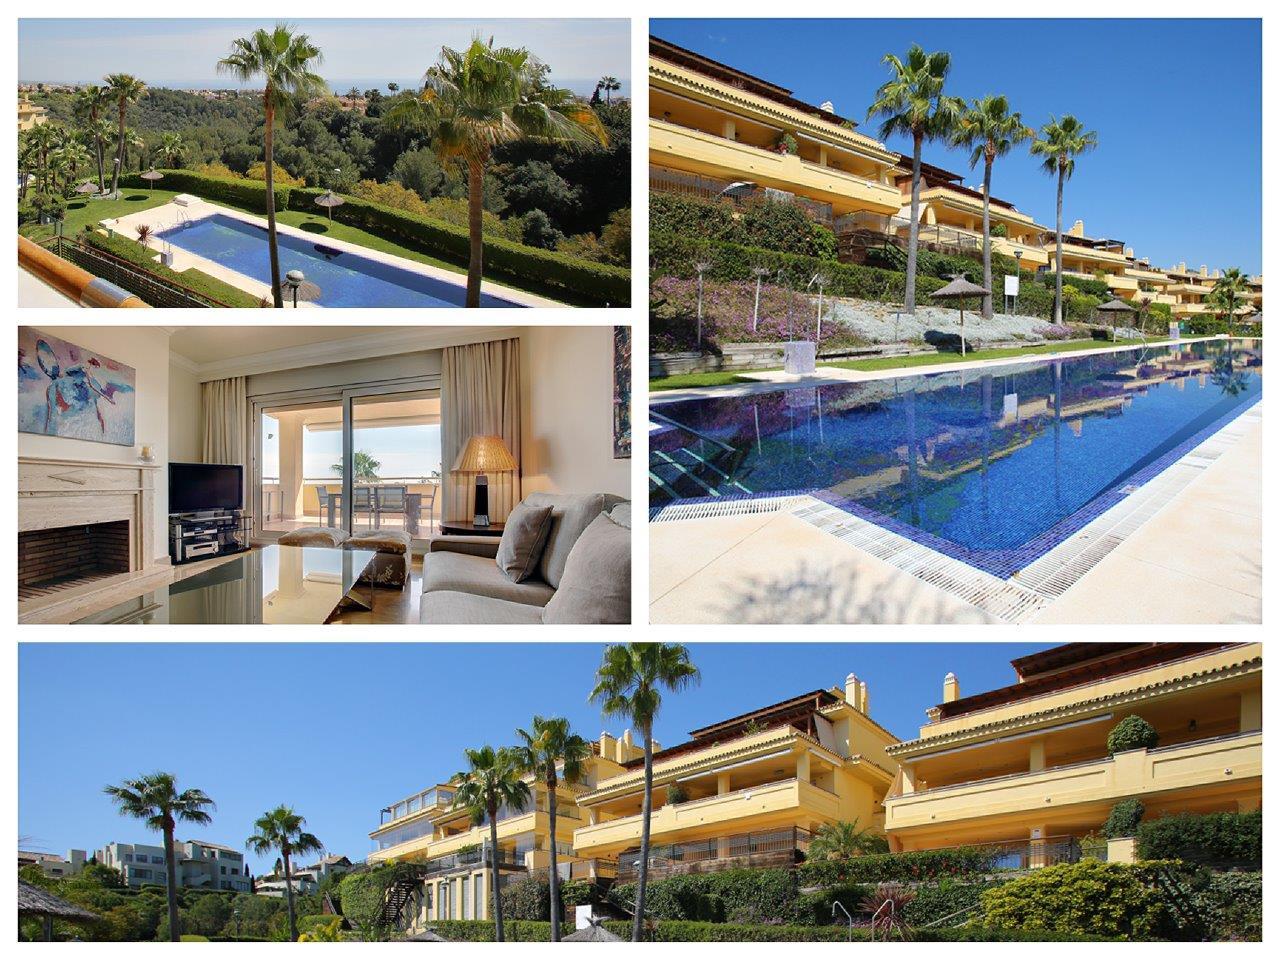 Apartment in Condado de Sierra Blanca for sale (Marbella)